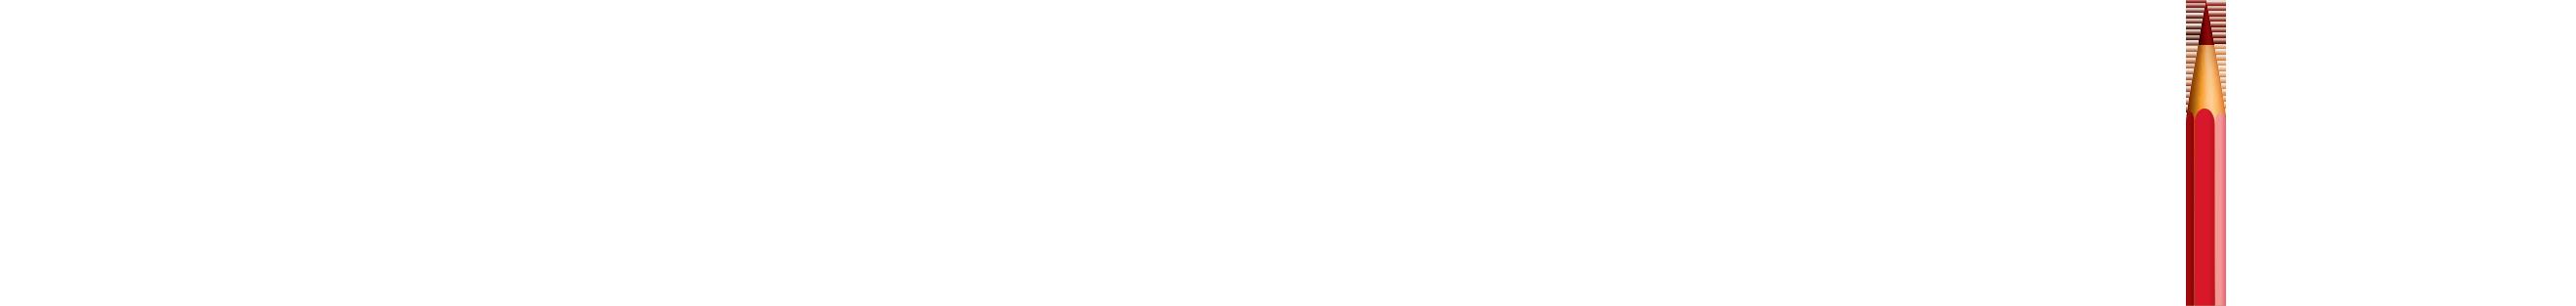 DELTA MEDIA LLC